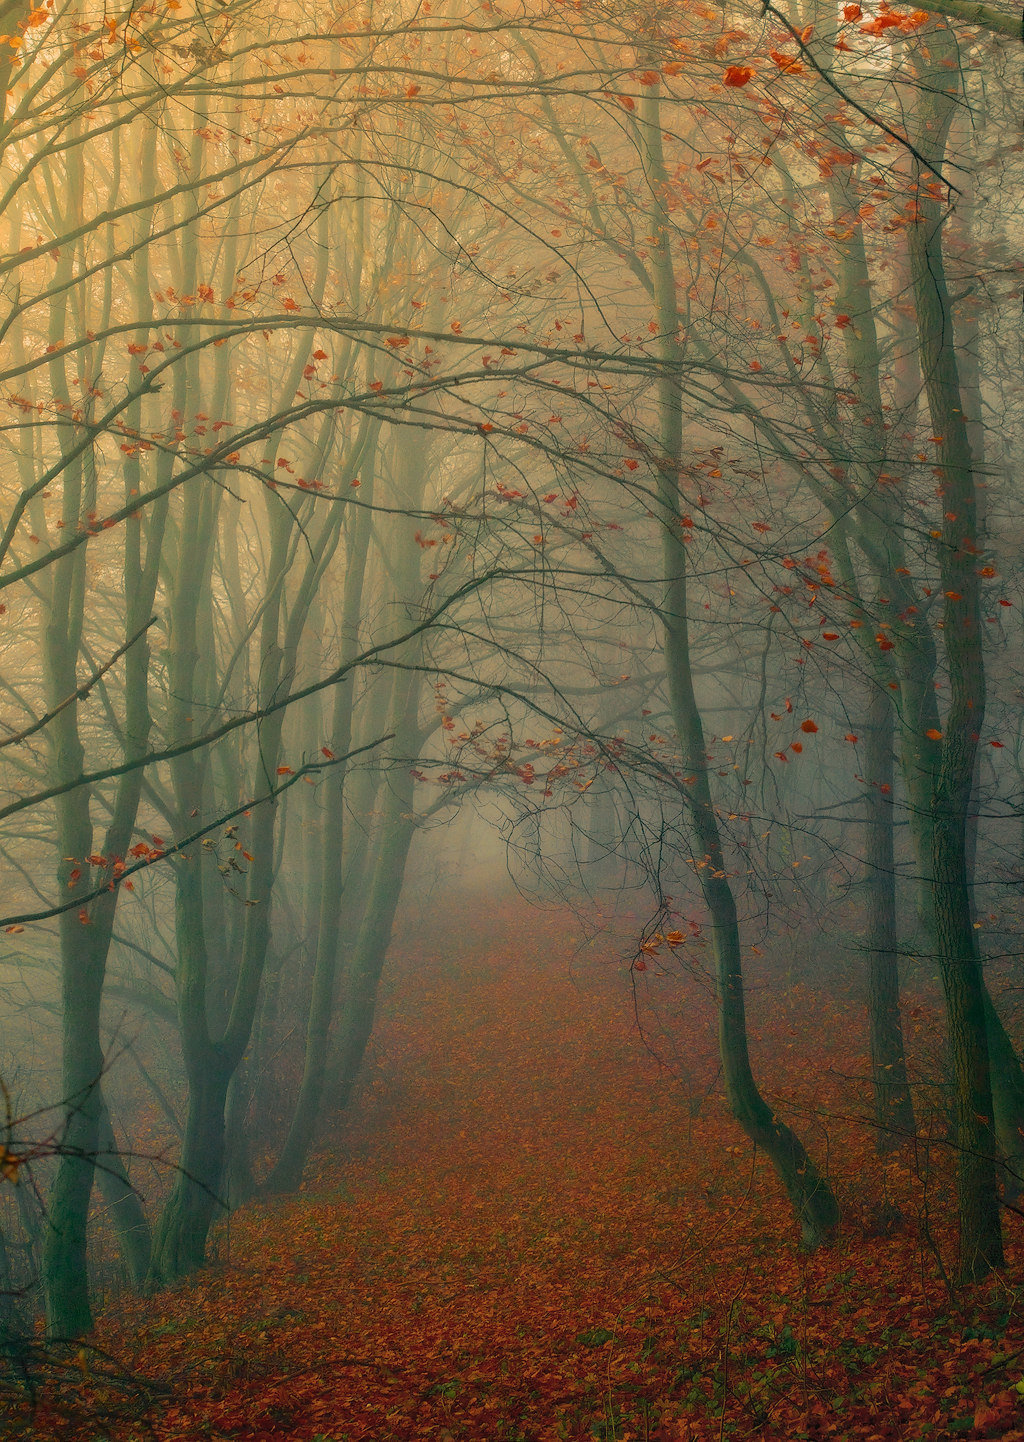 Осенний туман в сквере.